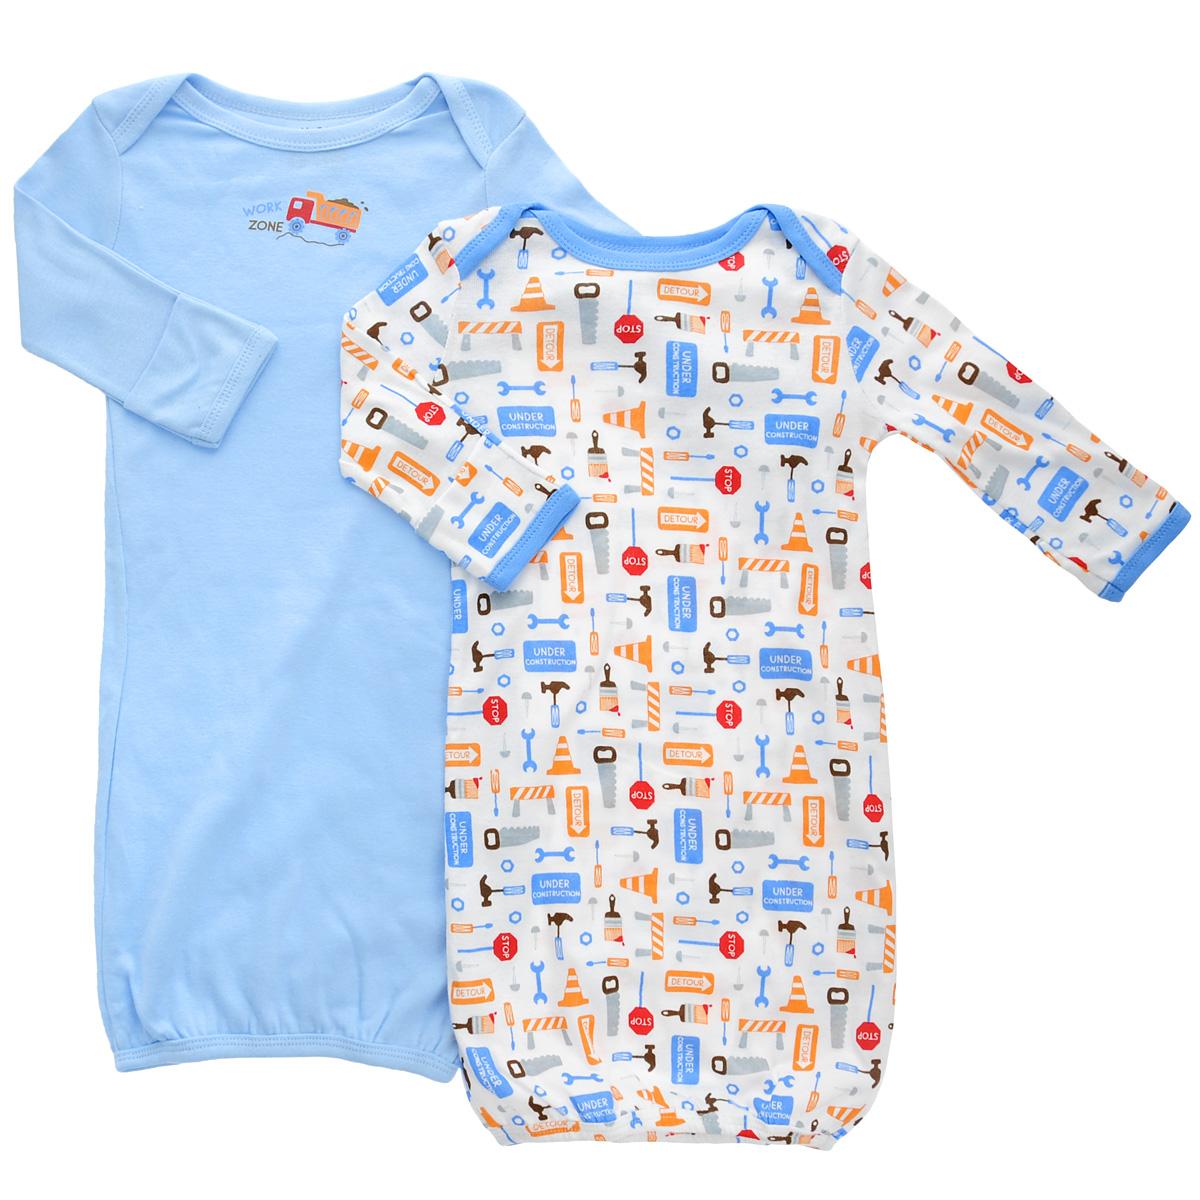 Ночная сорочка детская Luvable Friends, цвет: голубой, белый, 2 шт. 33010. Размер 55/67, 0-6 месяцев33010Детская ночная сорочка Luvable Friends с длинными рукавами послужит идеальным дополнением к гардеробу вашего малыша, обеспечивая ему наибольший комфорт во время сна. Сорочка изготовлена из натурального хлопка, благодаря чему она необычайно мягкая и легкая, не раздражает нежную кожу ребенка и хорошо вентилируется, а эластичные швы приятны телу младенца и не препятствуют его движениям. Удобные запахи на плечах помогают легко переодеть младенца, а широкое, растягивающееся отверстие снизу позволяет легко менять подгузник в случае необходимости. Рукава снизу дополнены антицарапками. Ночная сорочка полностью соответствует особенностям жизни ребенка в ранний период, не стесняя и не ограничивая его в движениях.В комплект входят две сорочки: одна - однотонного цвета, а другая оформлена оригинальным принтом.